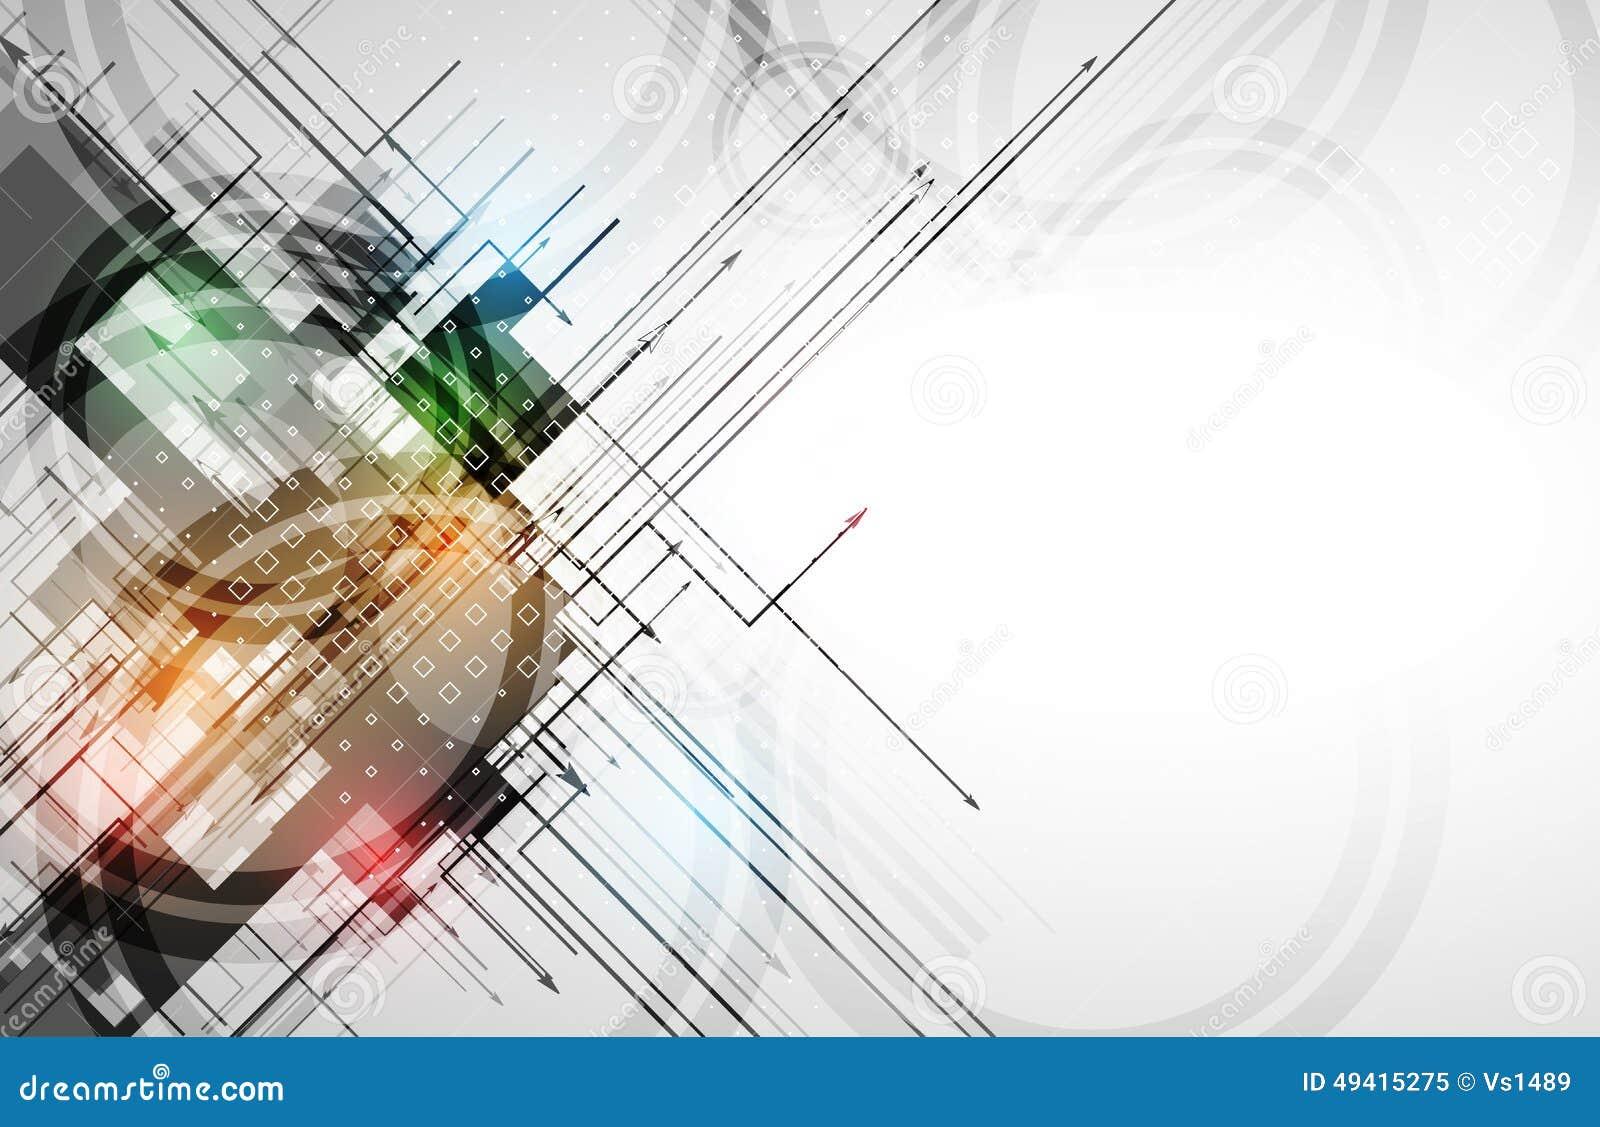 Download Bunter Abstrakter Geometrischer Hintergrund Für Design Vektor Abbildung - Illustration von element, gestaltungsarbeit: 49415275